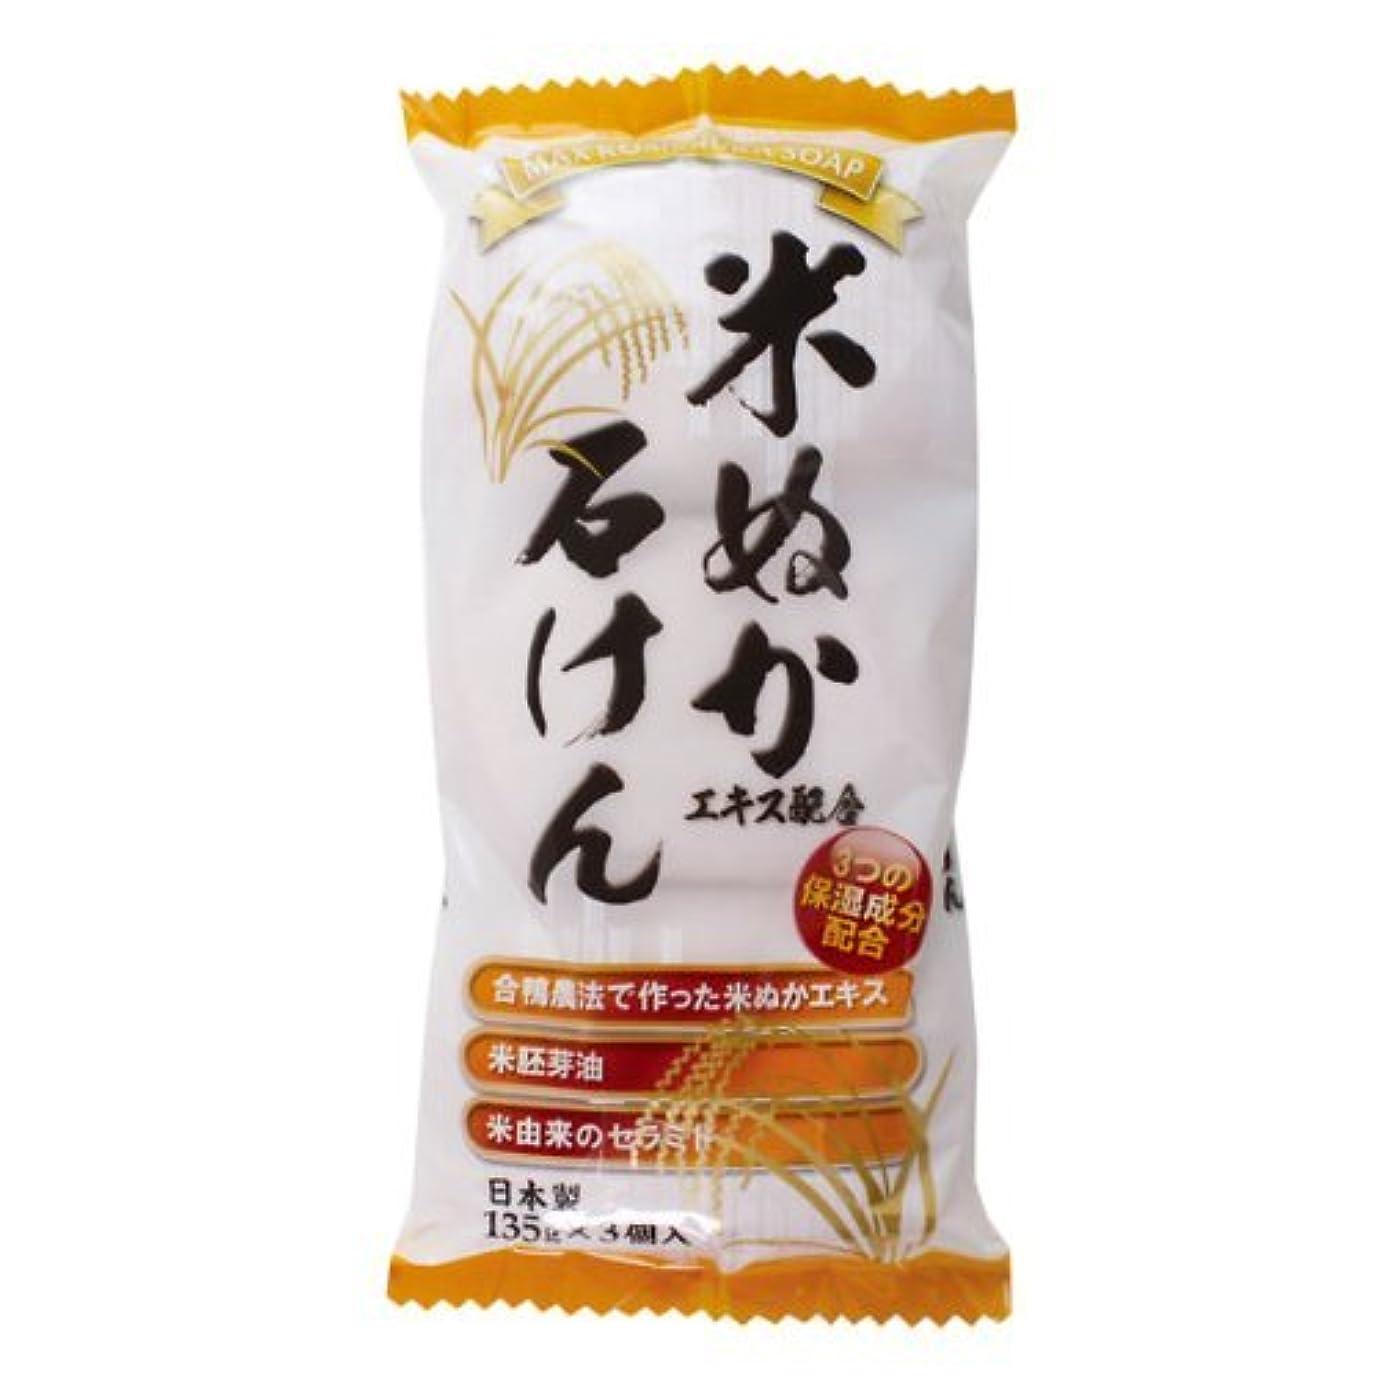 キノコ昆虫ベルベット米ぬかエキス配合石けん 3個入 135g×3個